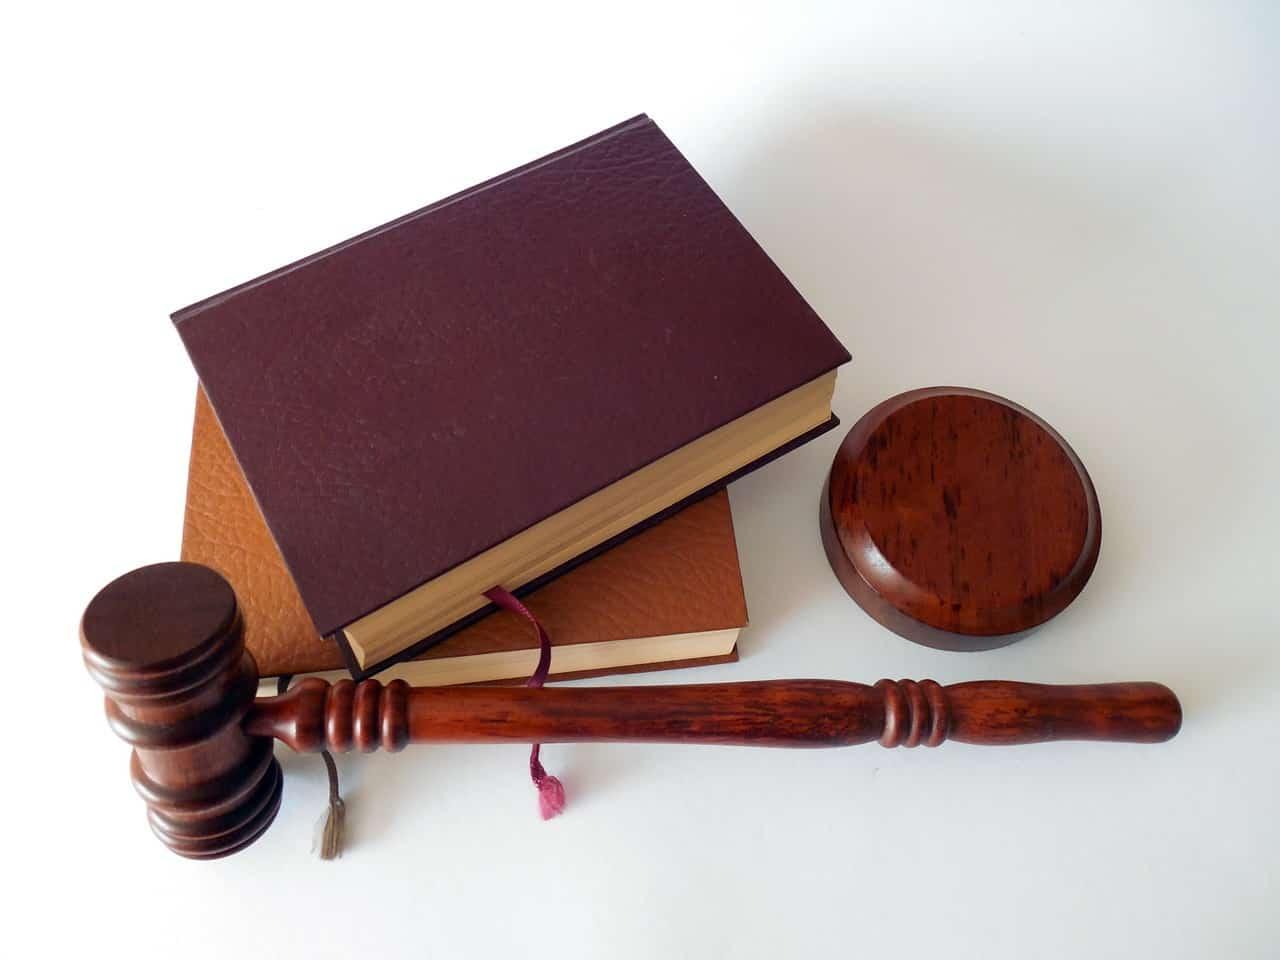 איזה עו״ד צריך לעתירה לבג״ץ?